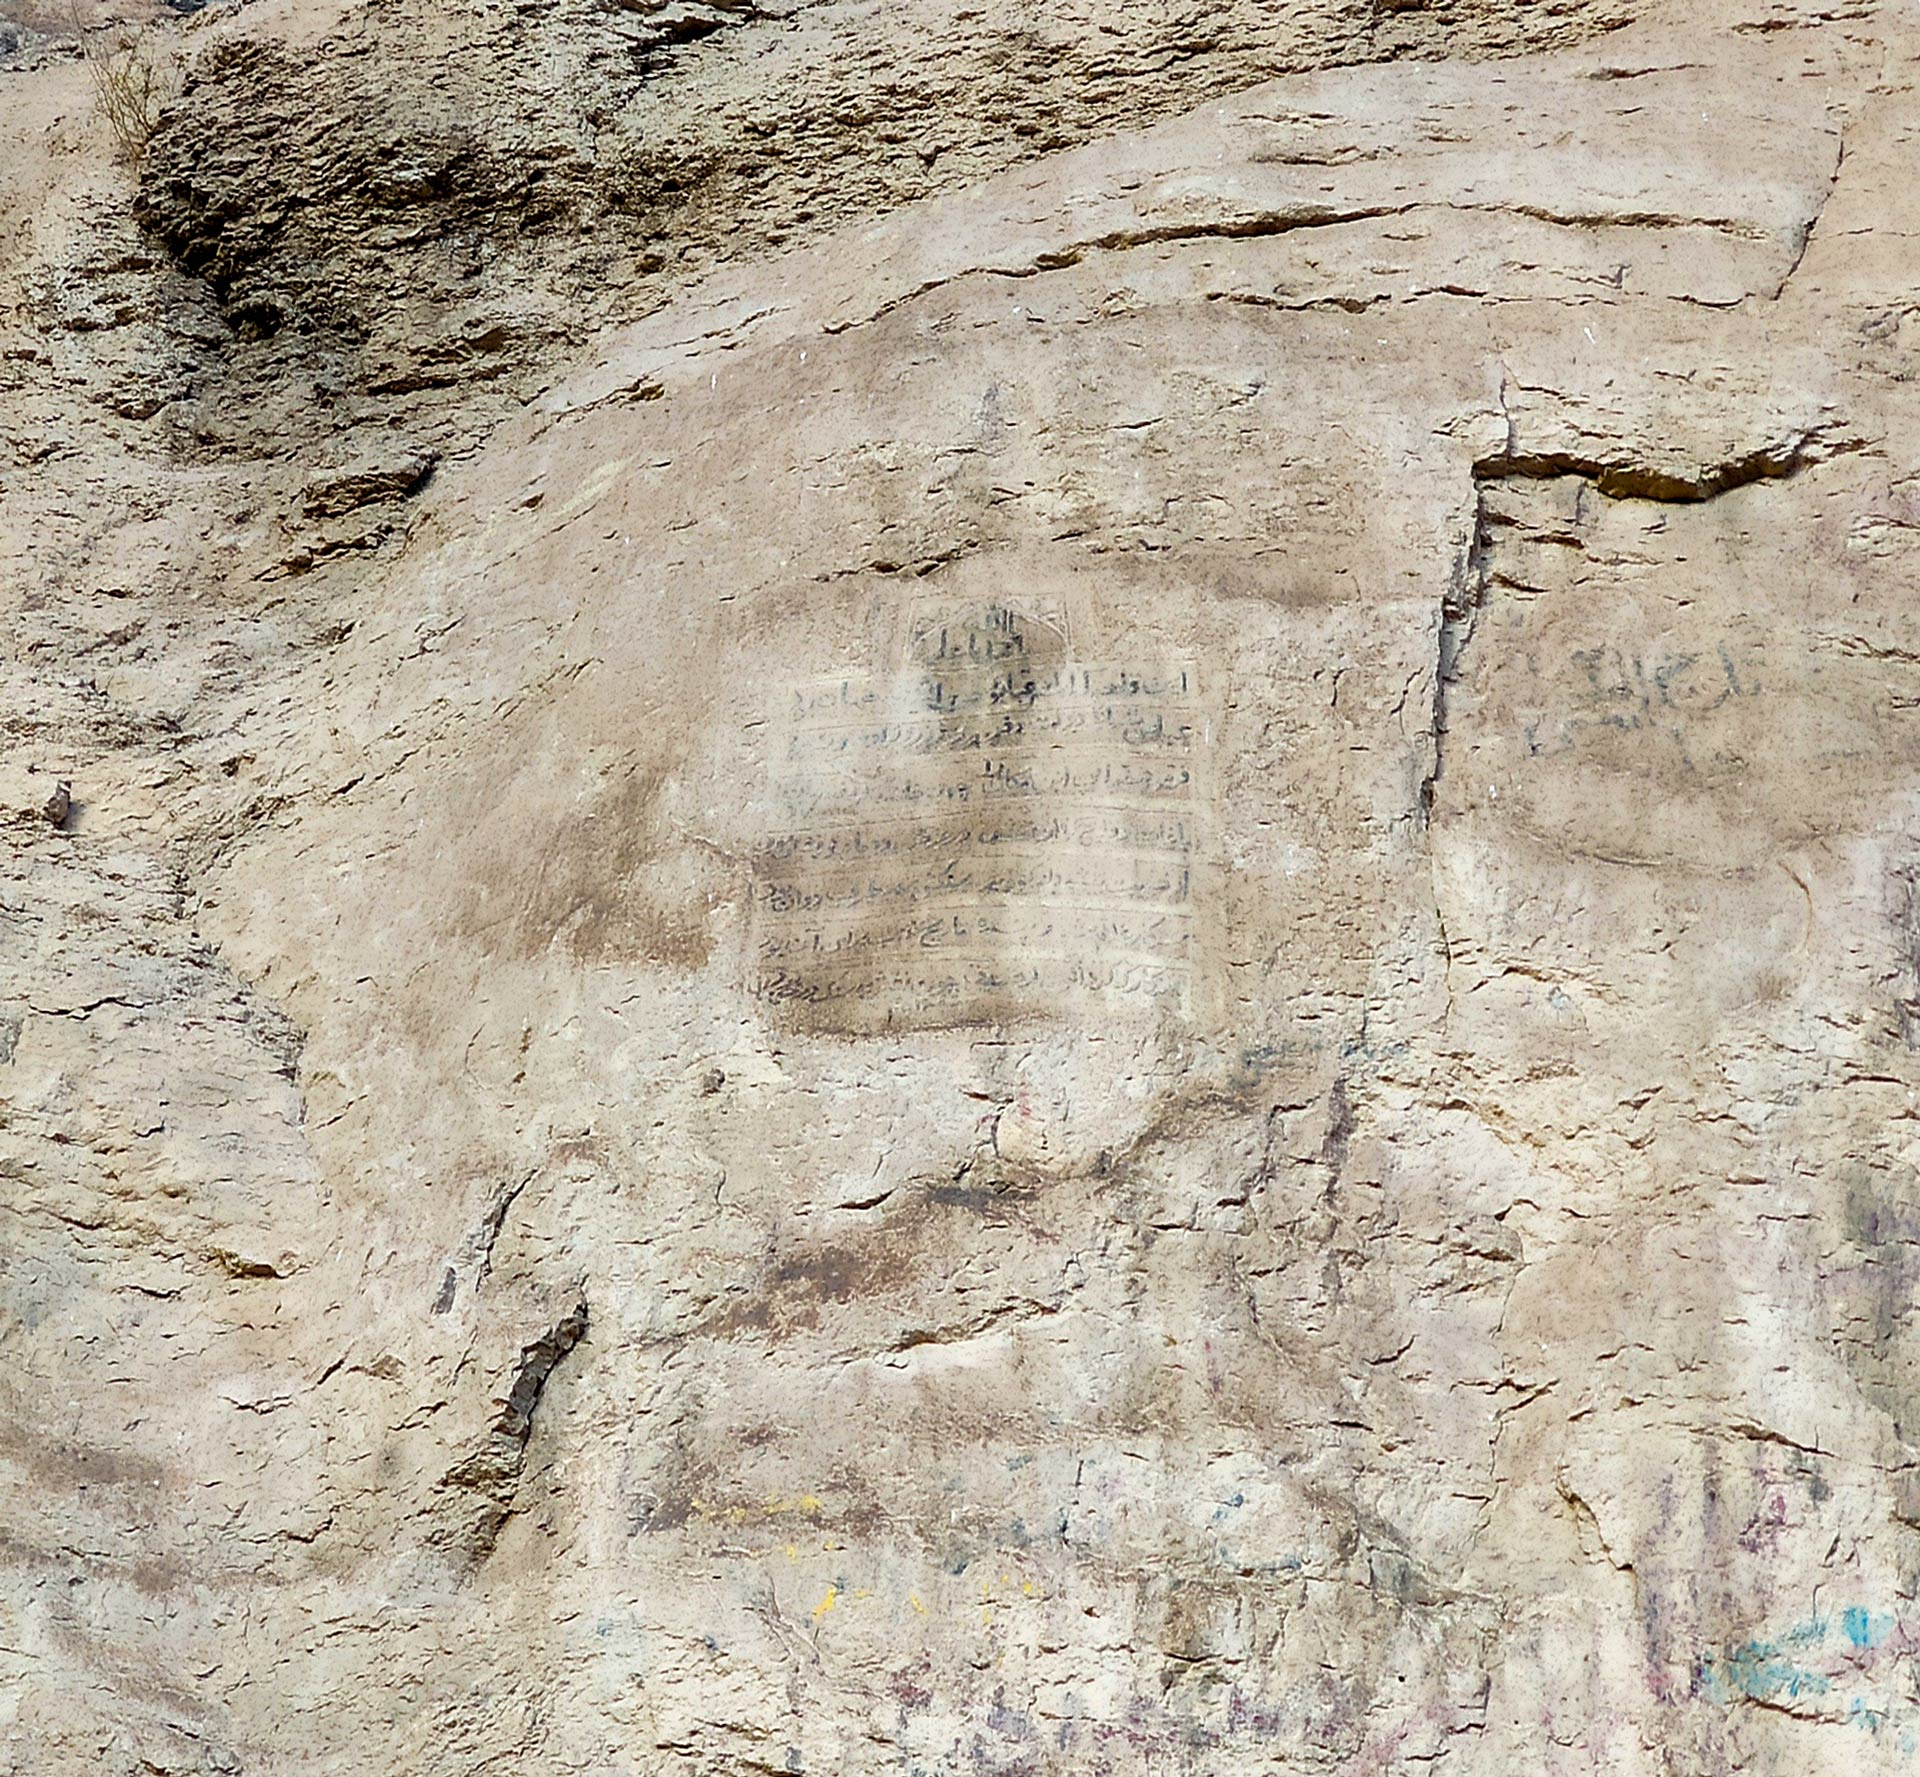 کتیبه شاه عباس بر روی دیواره کوه قیه